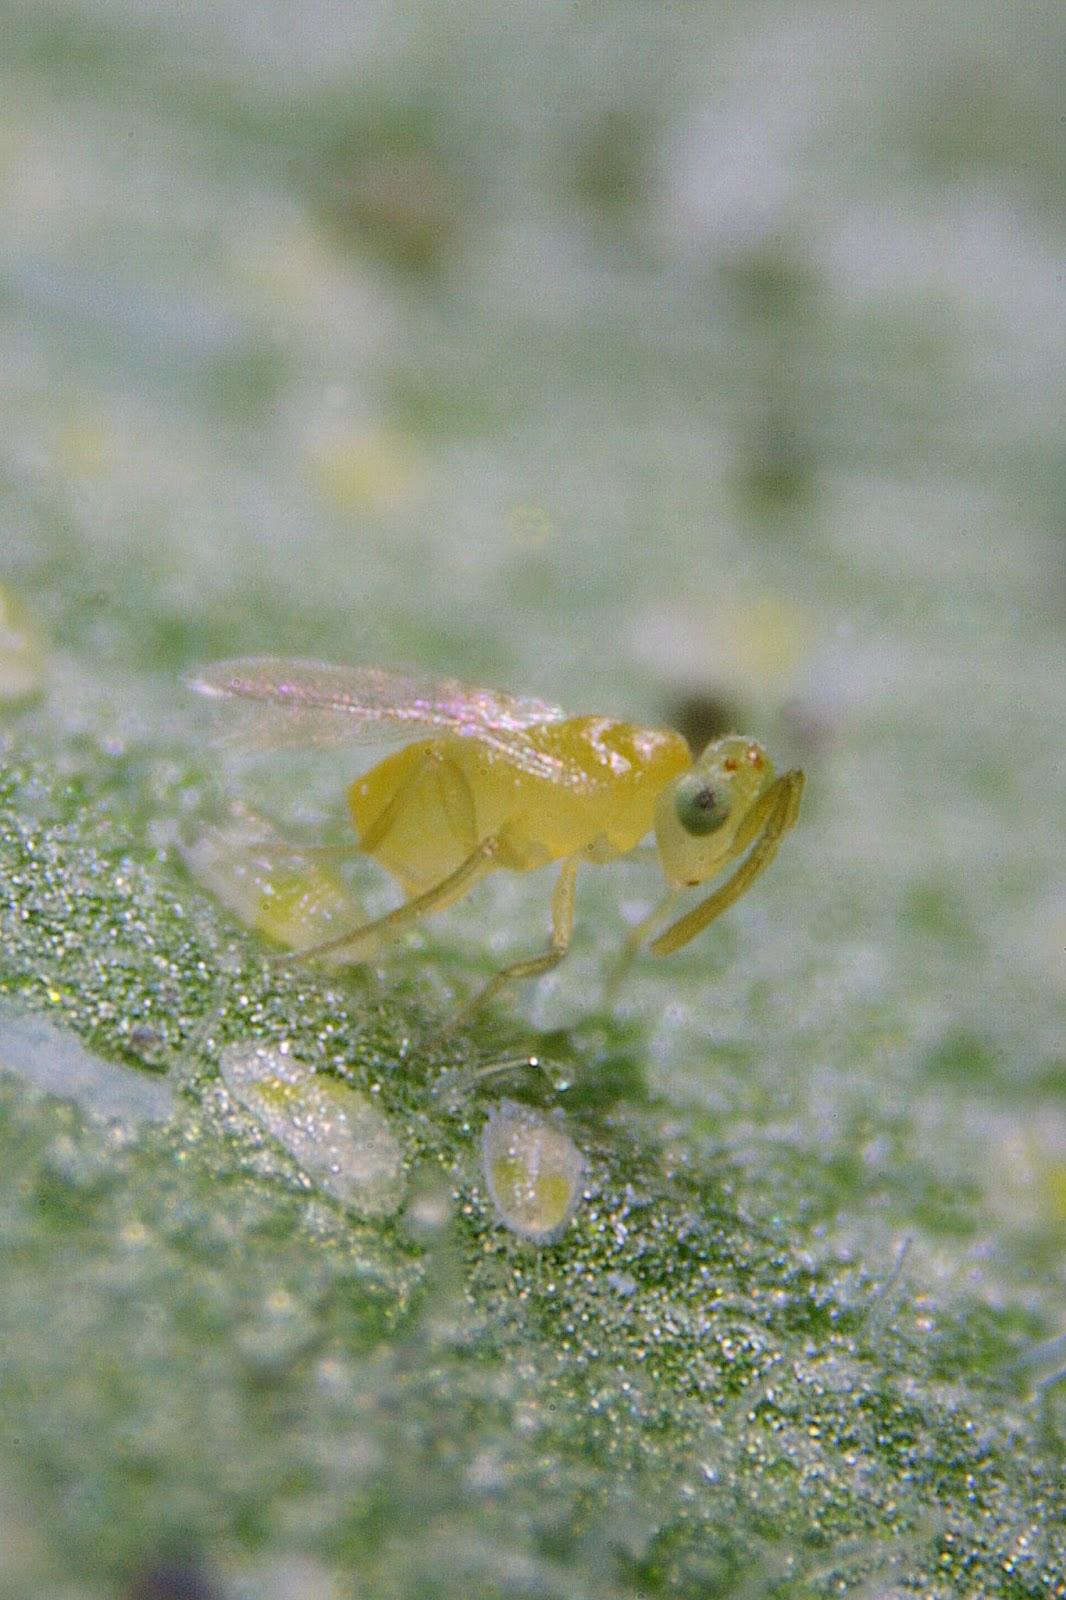 Whitefly Larvae Consider using ...